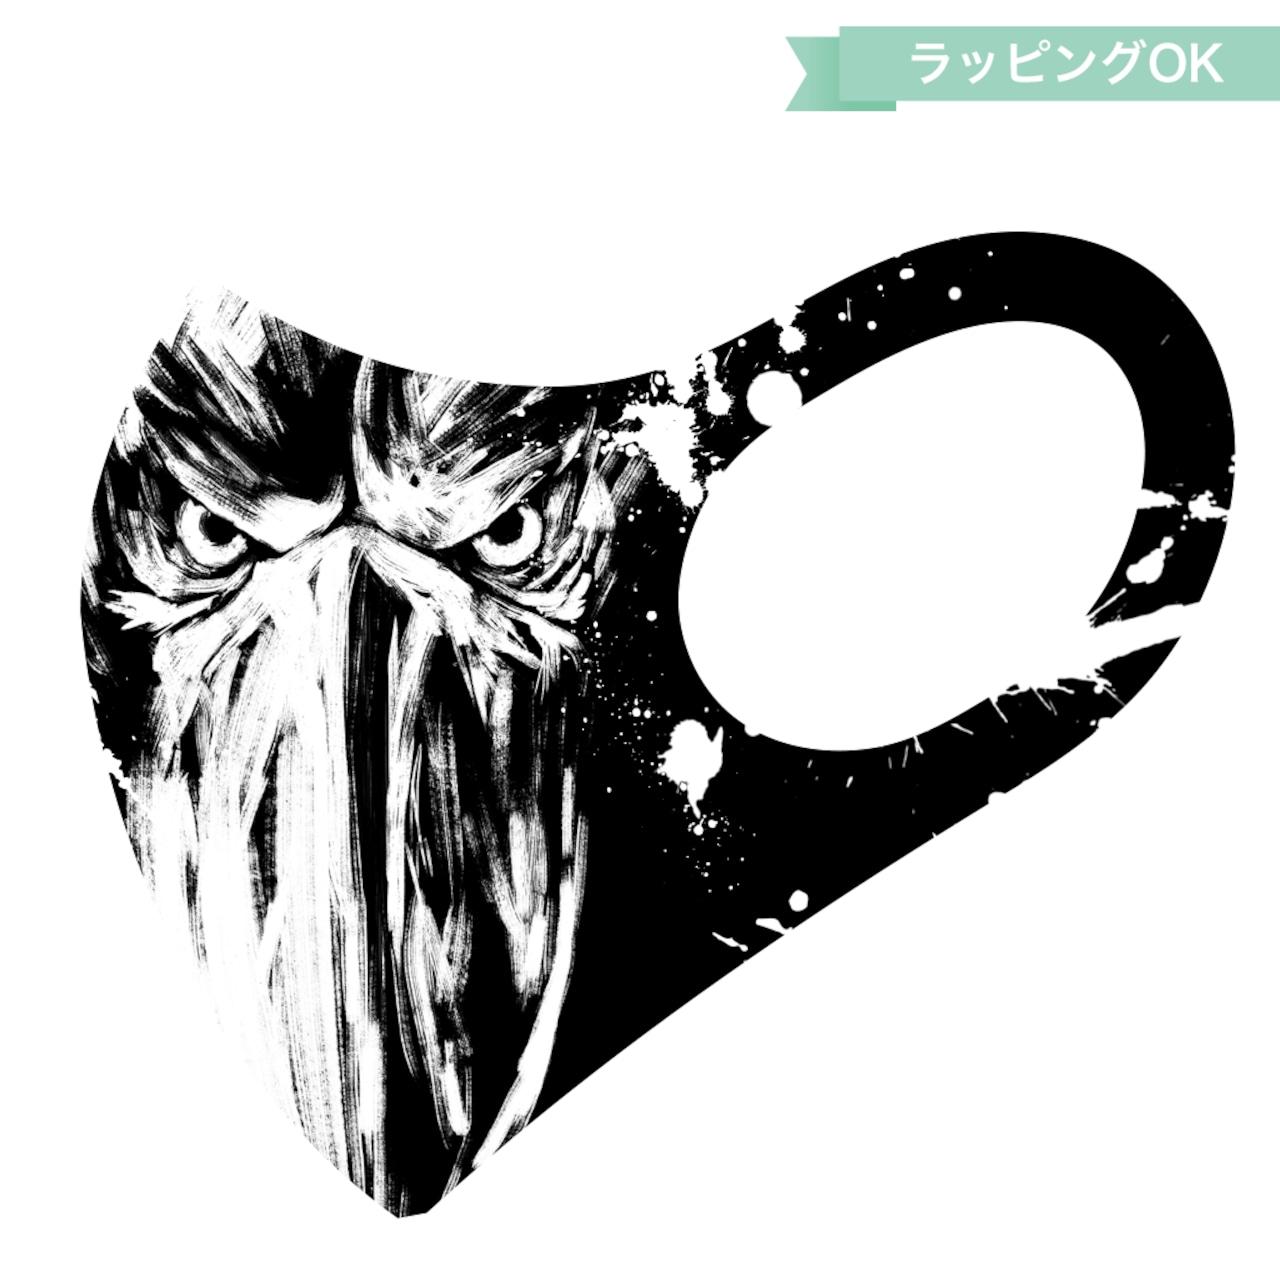 マスク【ブラック】M★墨絵ハシビロコウ